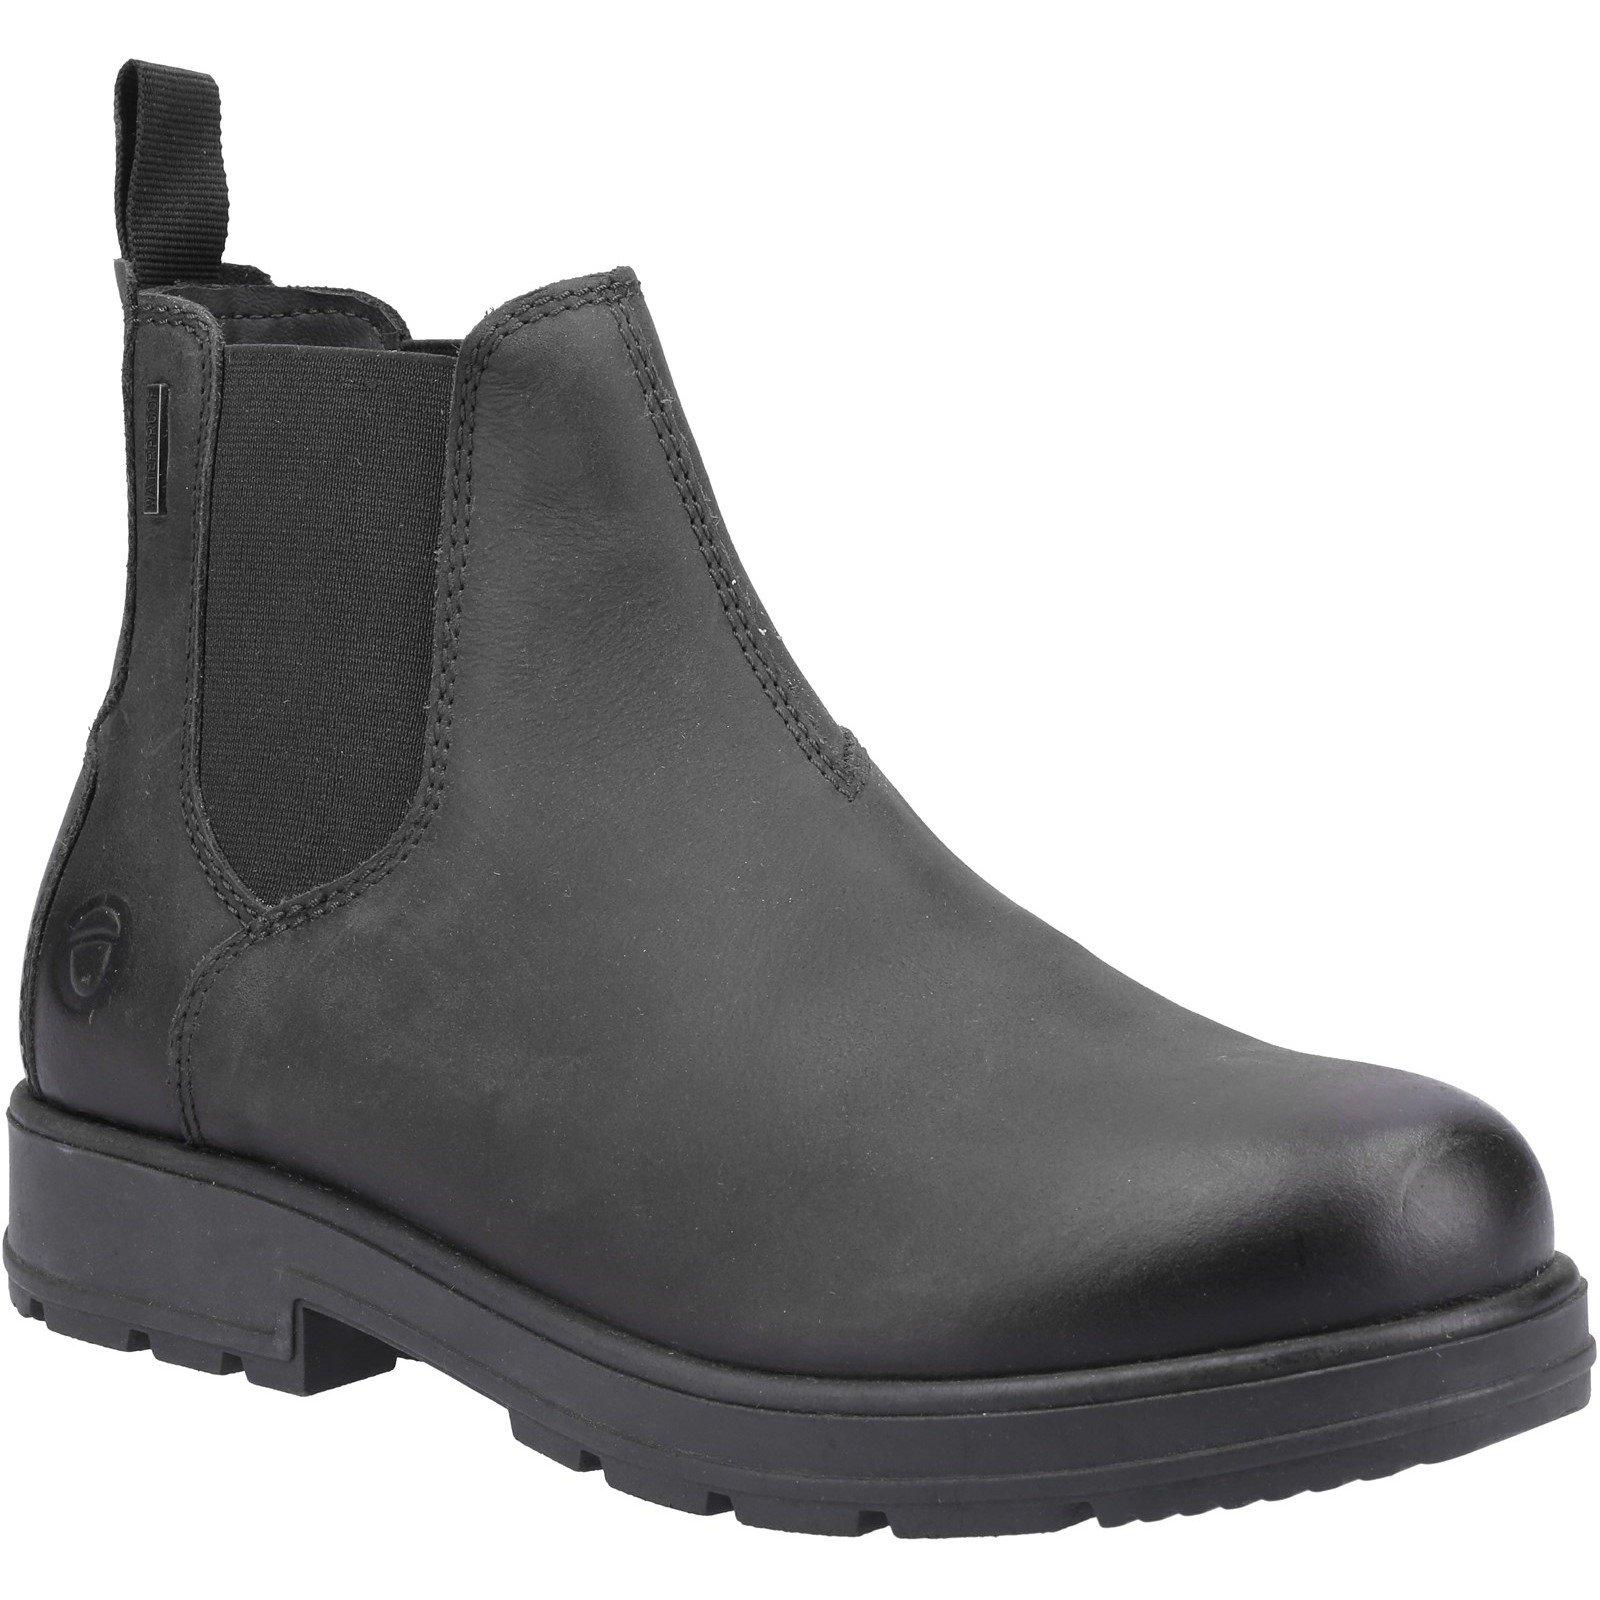 Cotswold Men's Farmington Boot Various Colours 32965 - Black 10